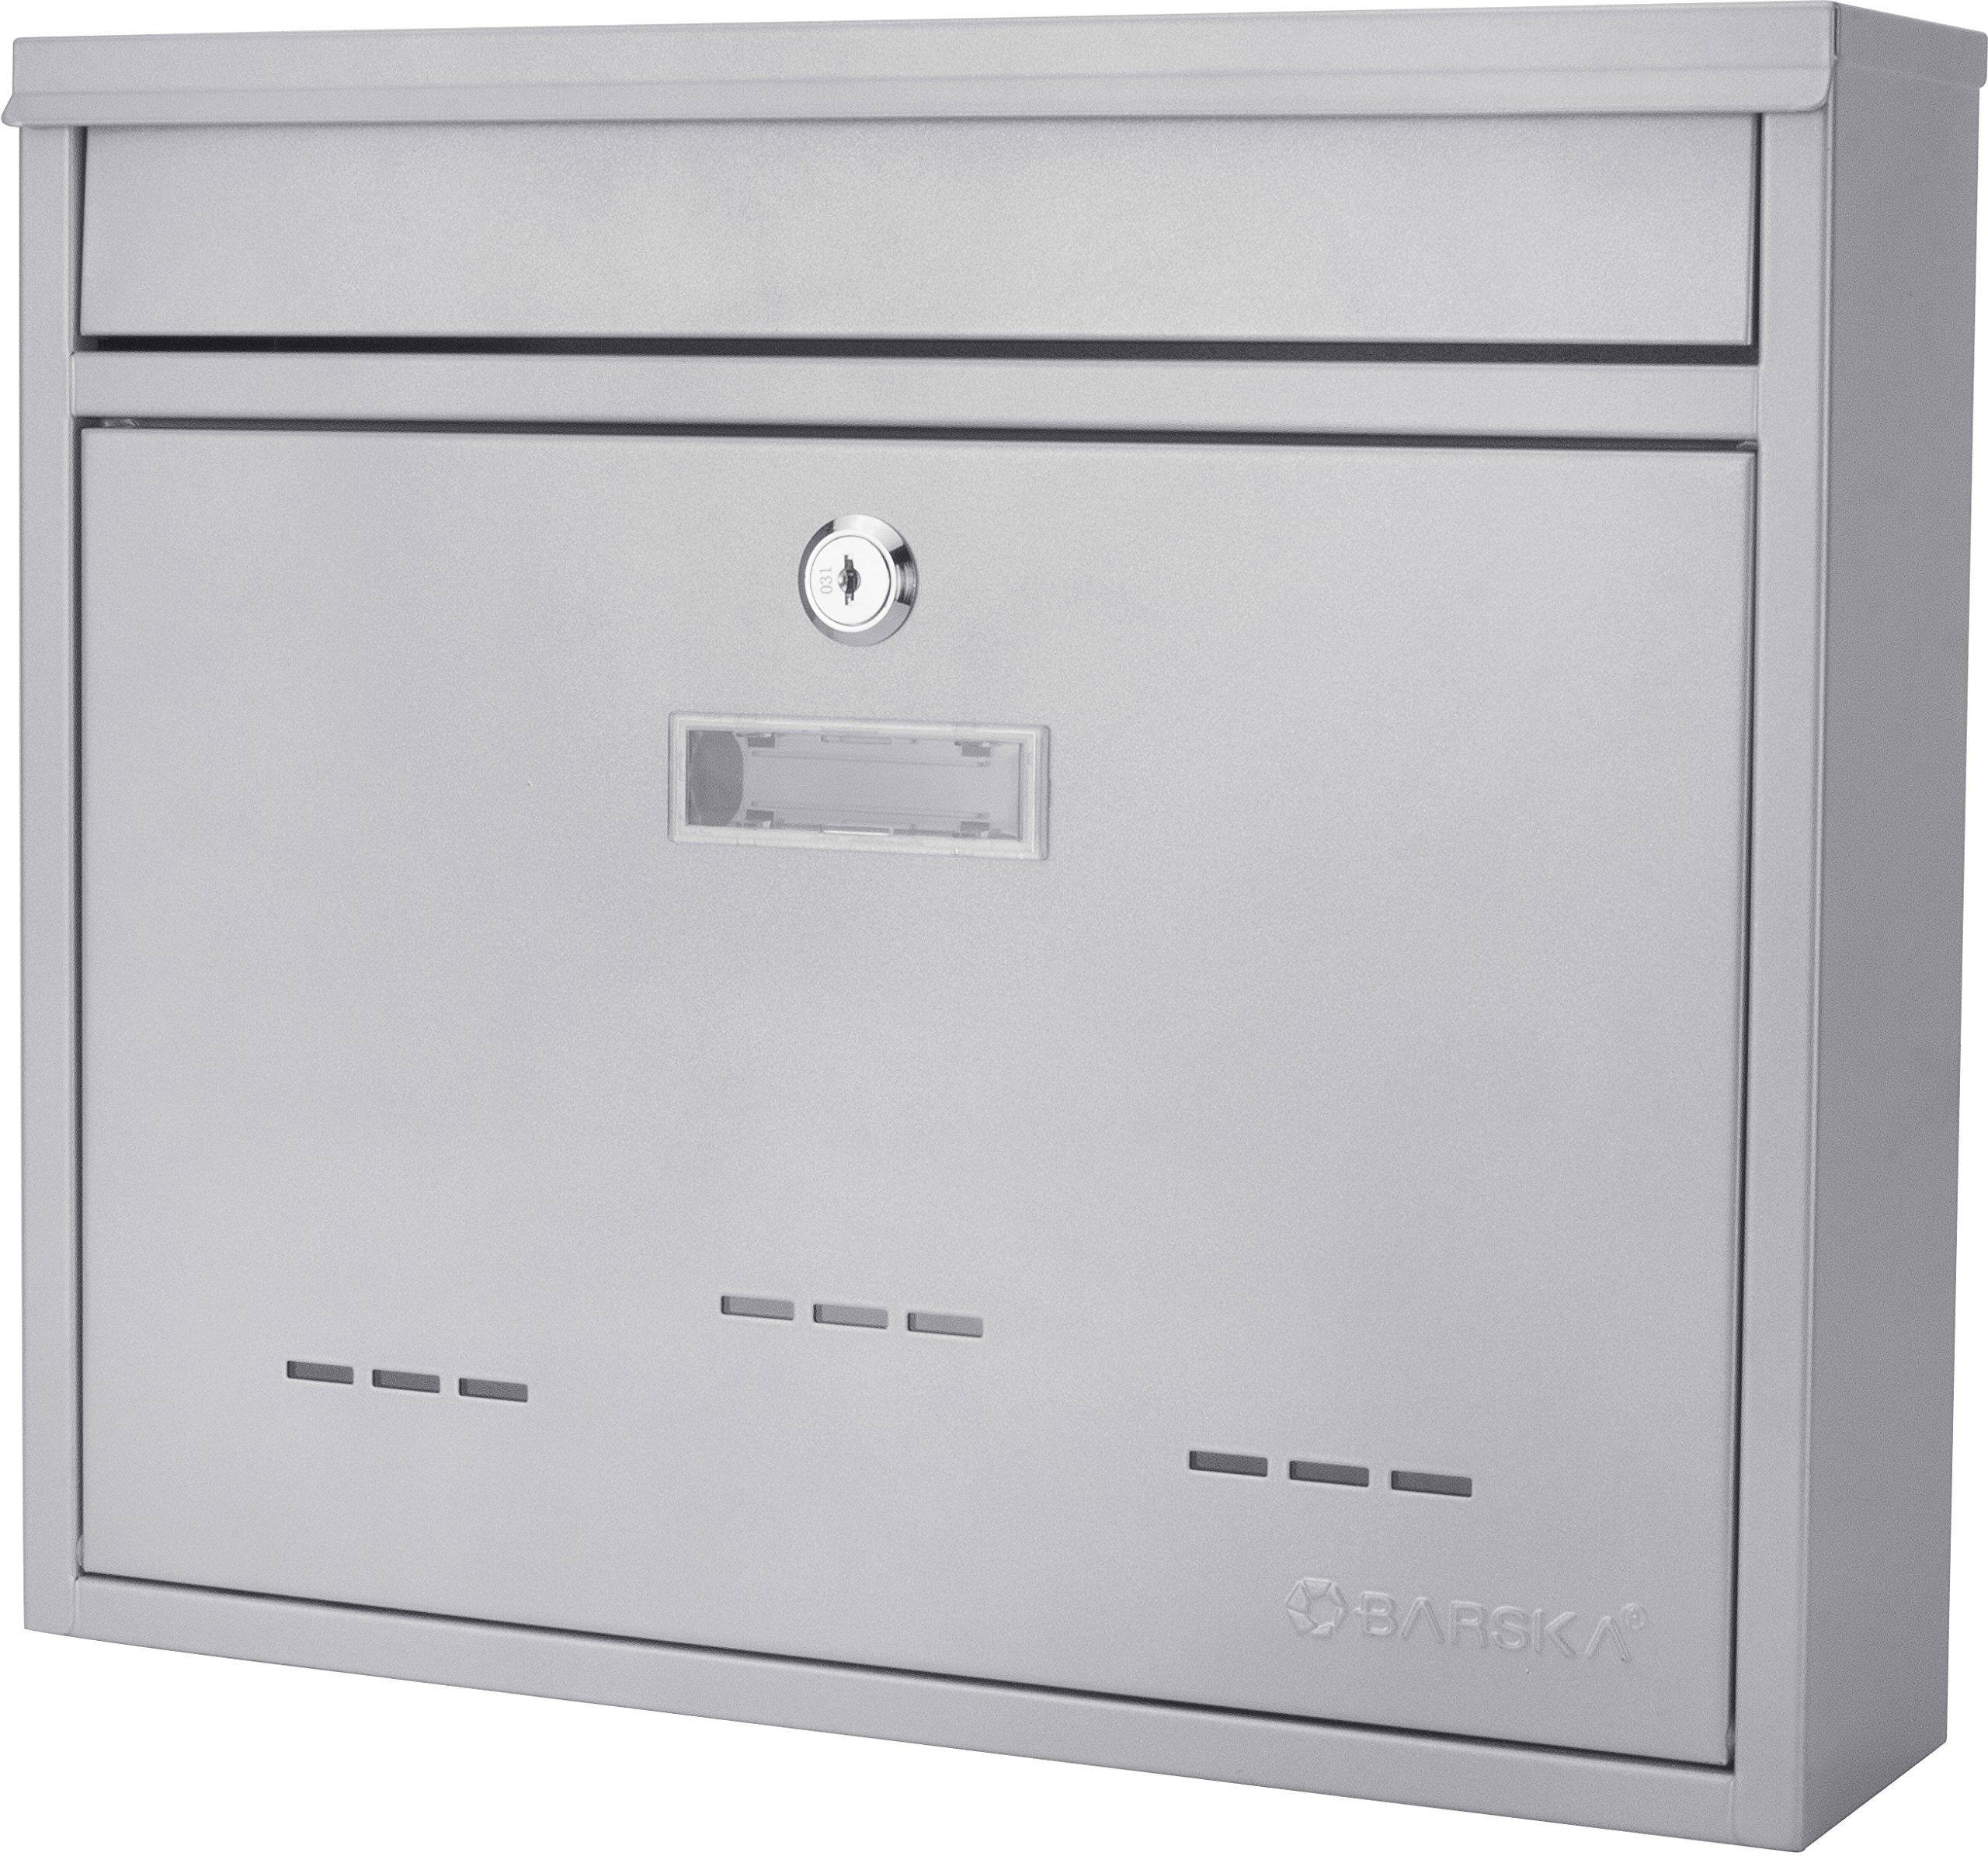 Winbest Steel Drop Slot Wall Mount Mail Box, Grey (Medium)